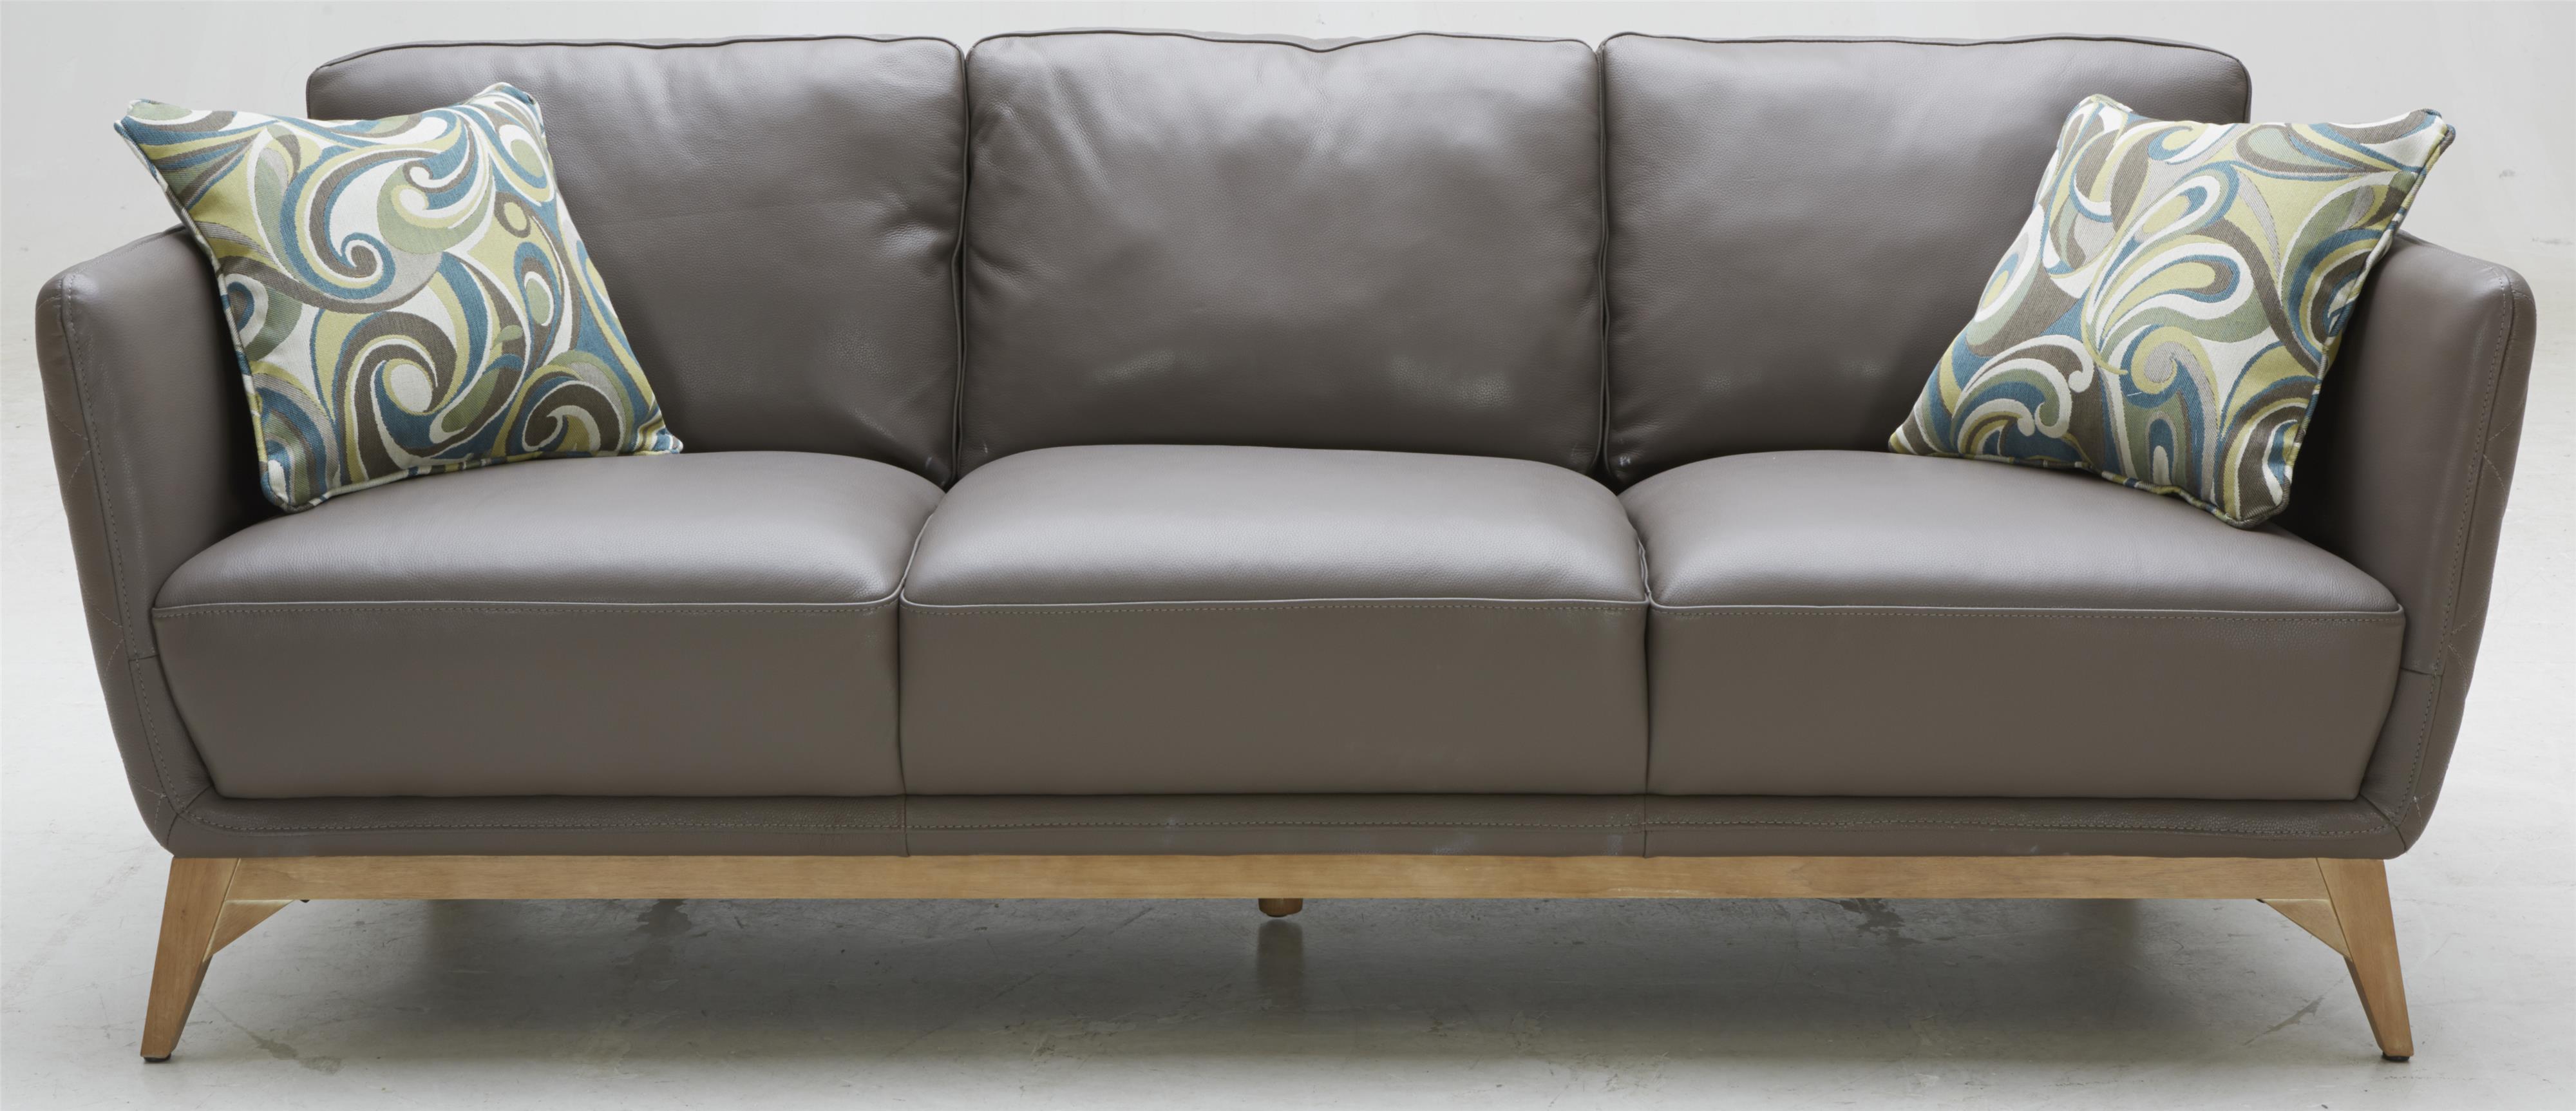 1961 Sofa